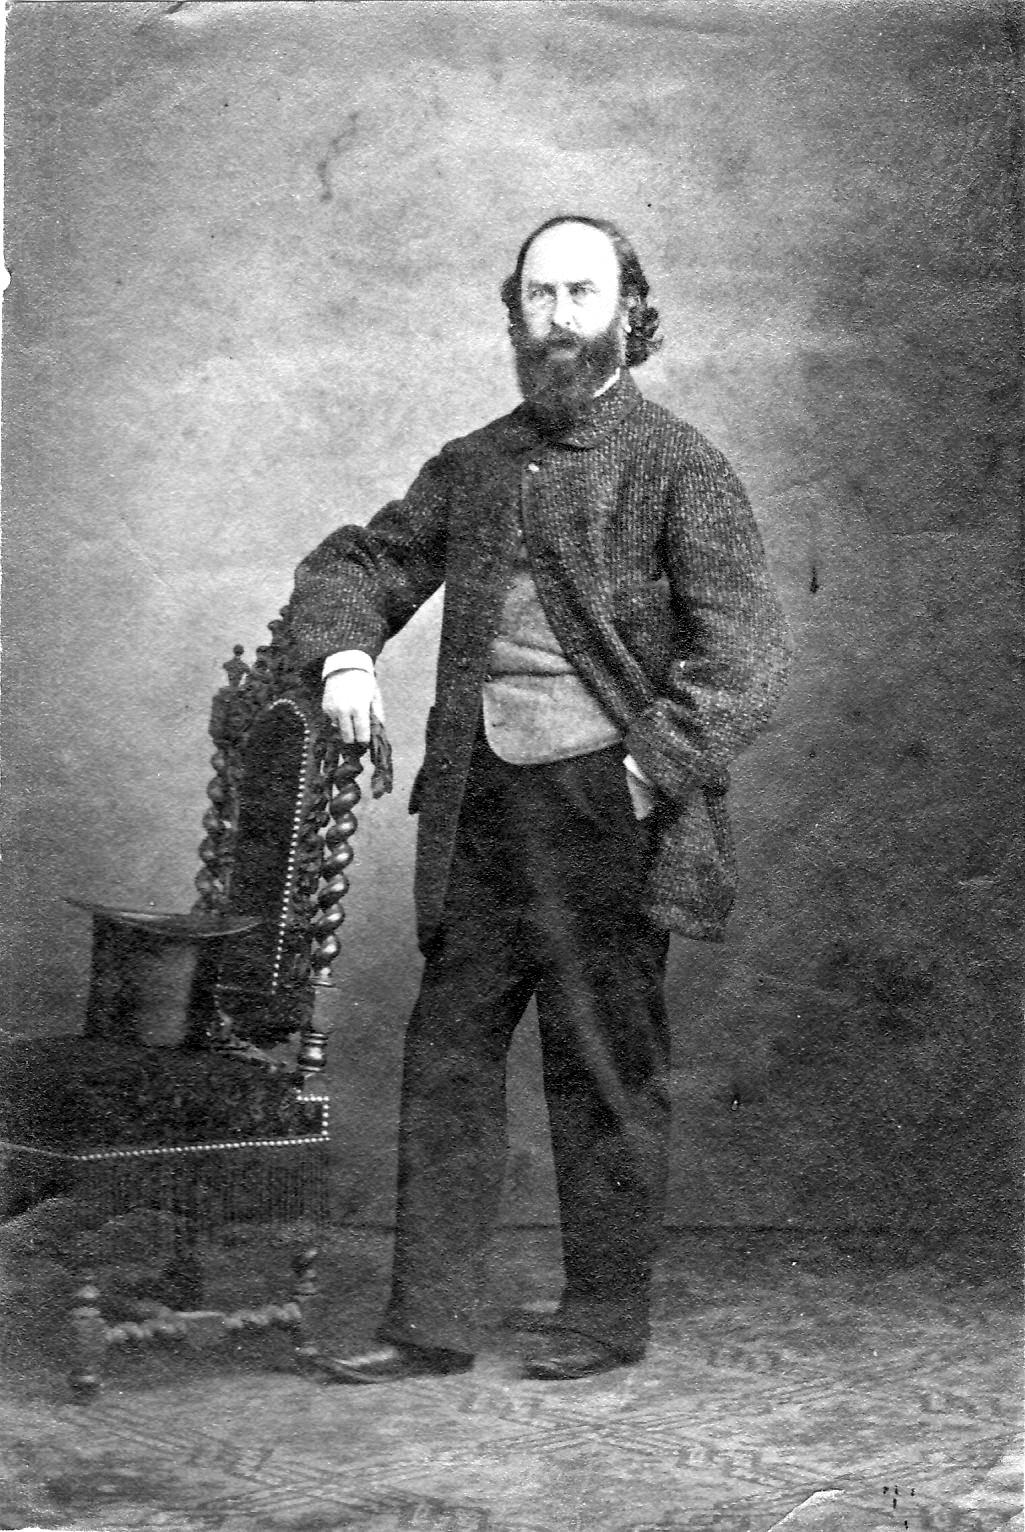 Image of Robert Turnbull Macpherson from Wikidata